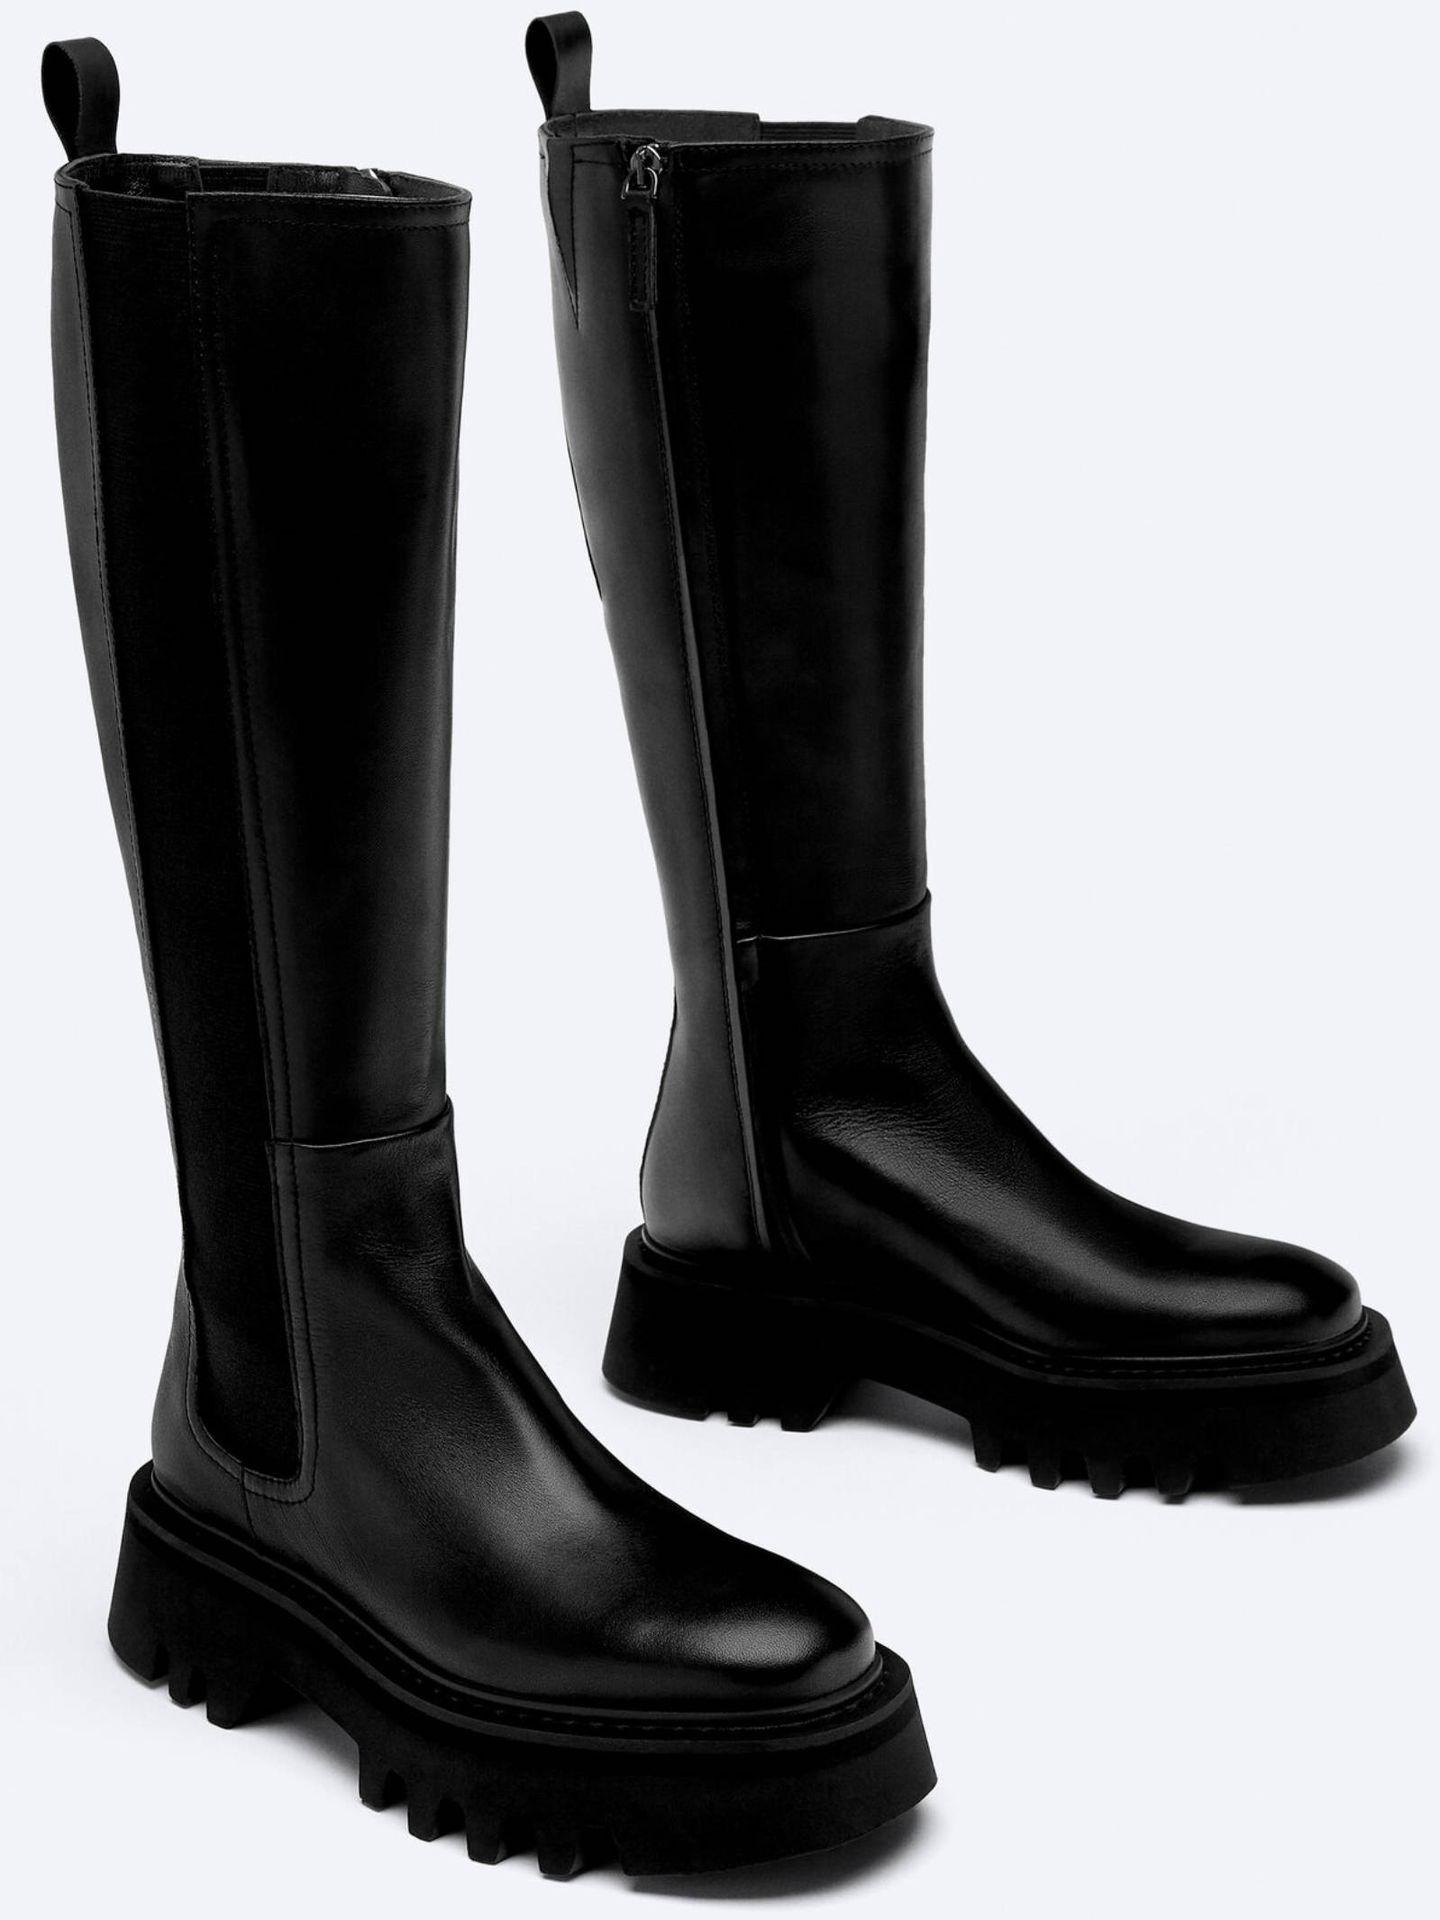 Botas de Uterqüe, perfectas para cualquier ocasión. (Cortesía)